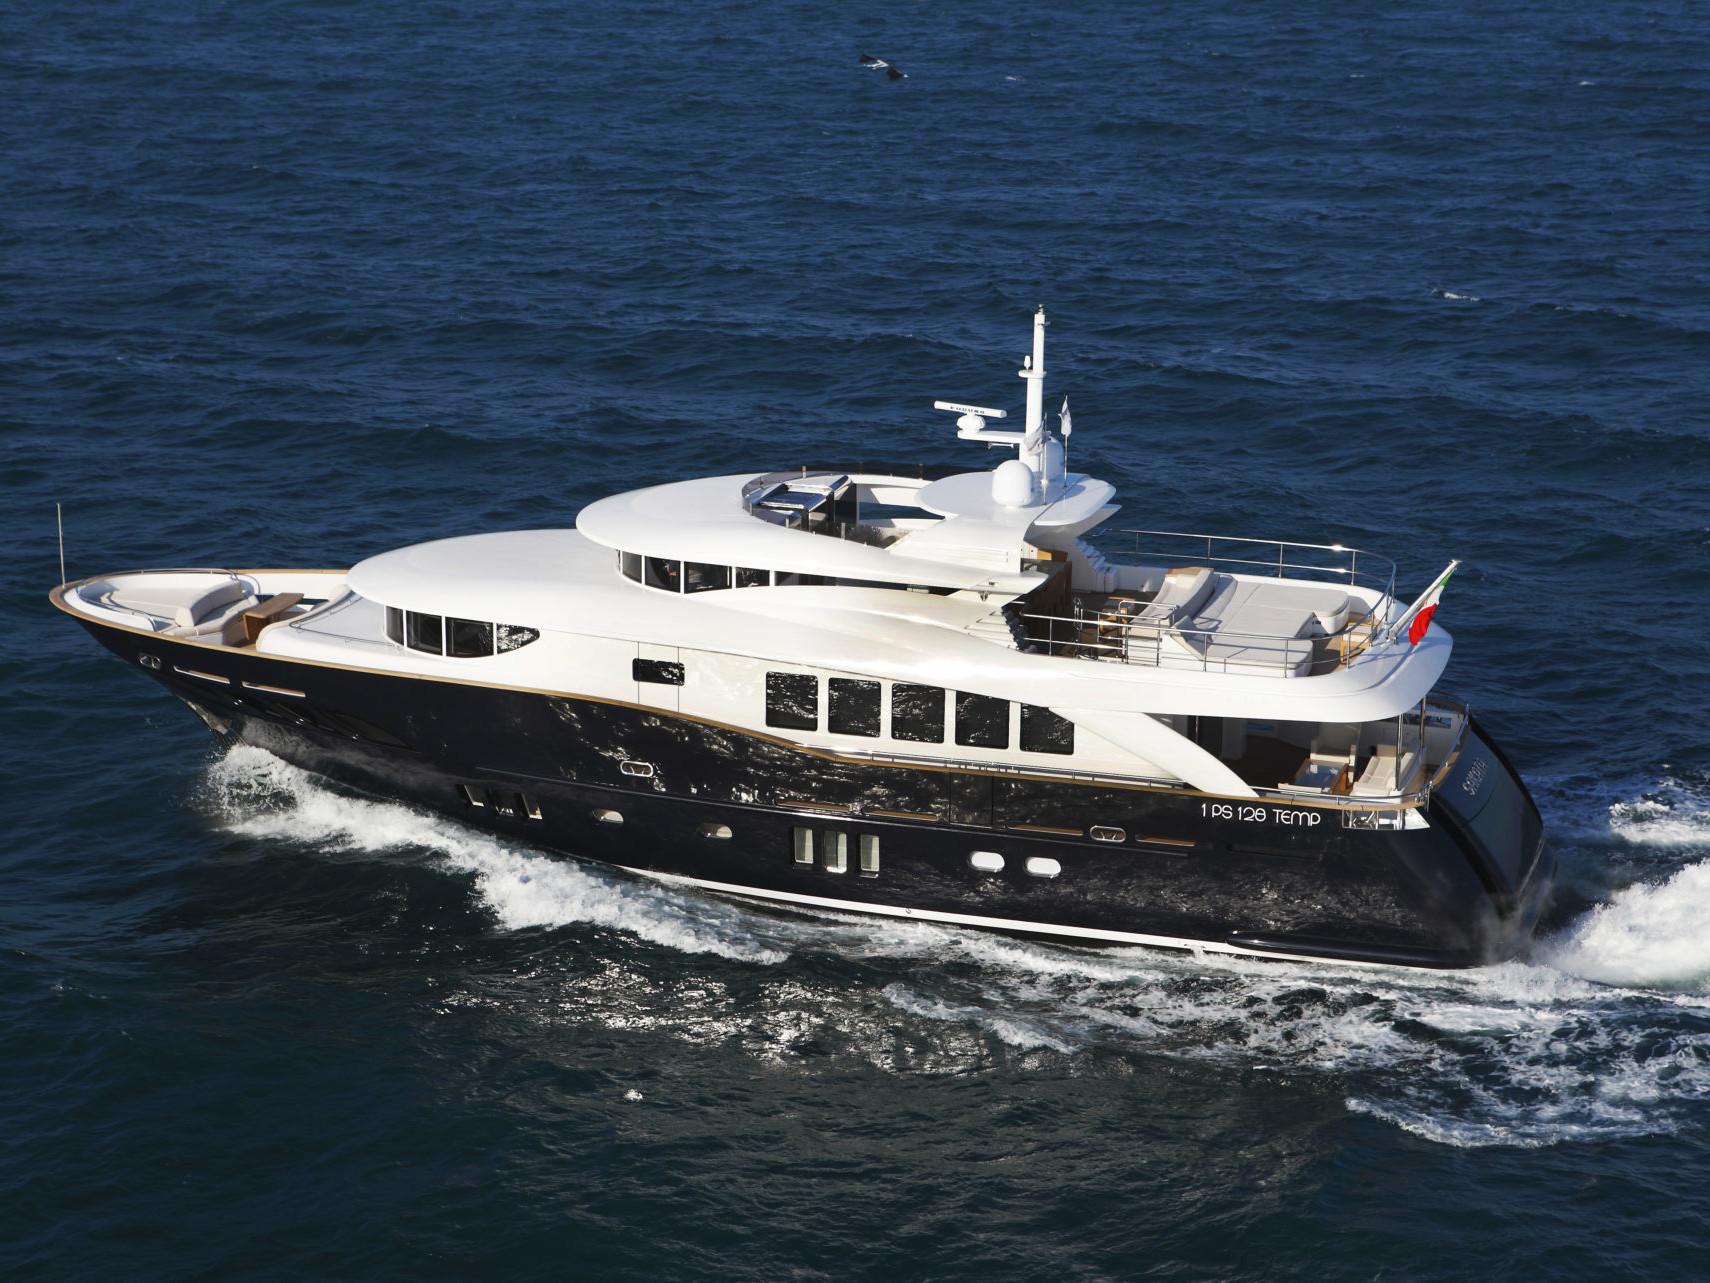 Navetta 26 meters long range yacht